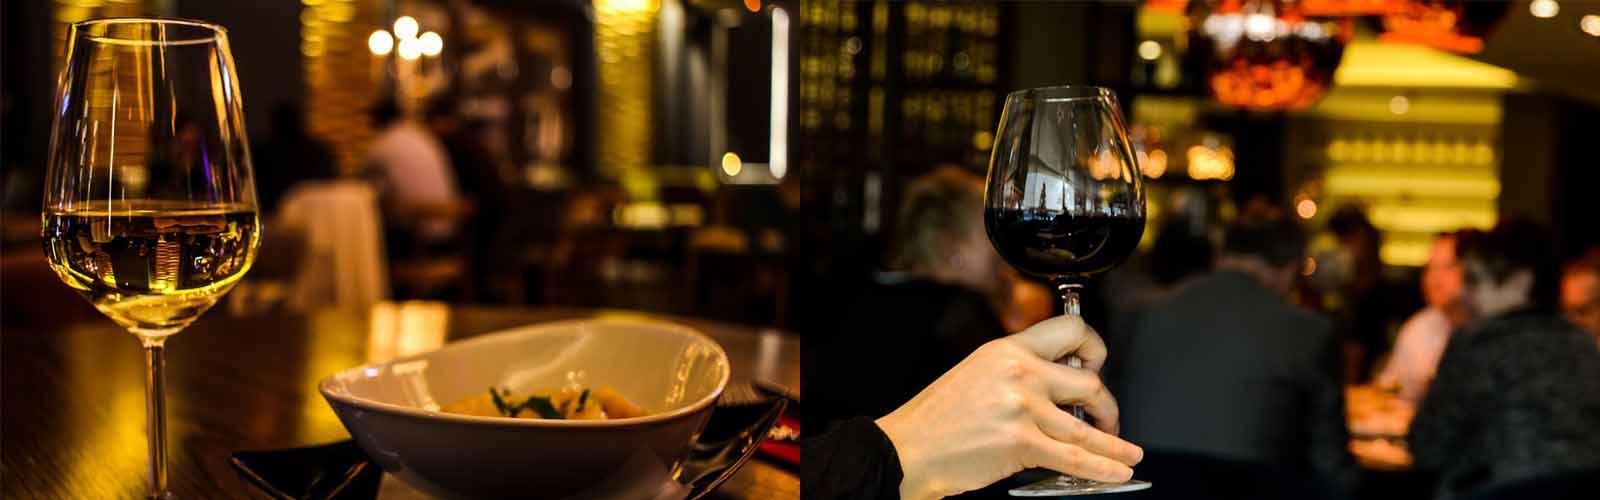 Le Matt\'ou, un nouveau bar à vins unique à Strasbourg - Geteatout ...